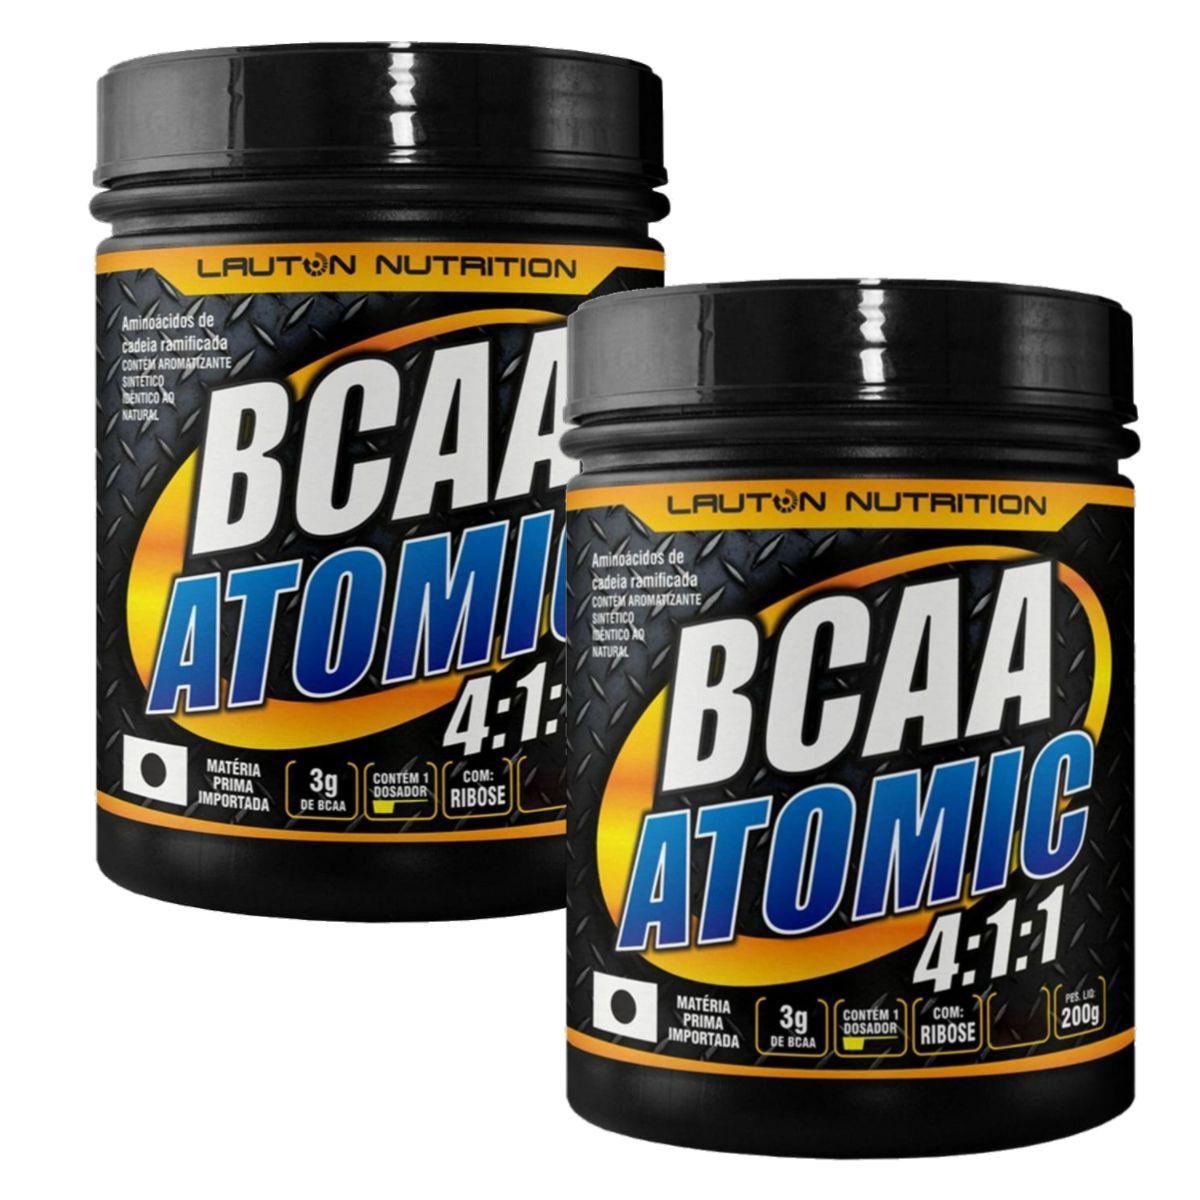 Kit 2 BCAA Atomic 4:1:1 200g - Lauton Nutrition